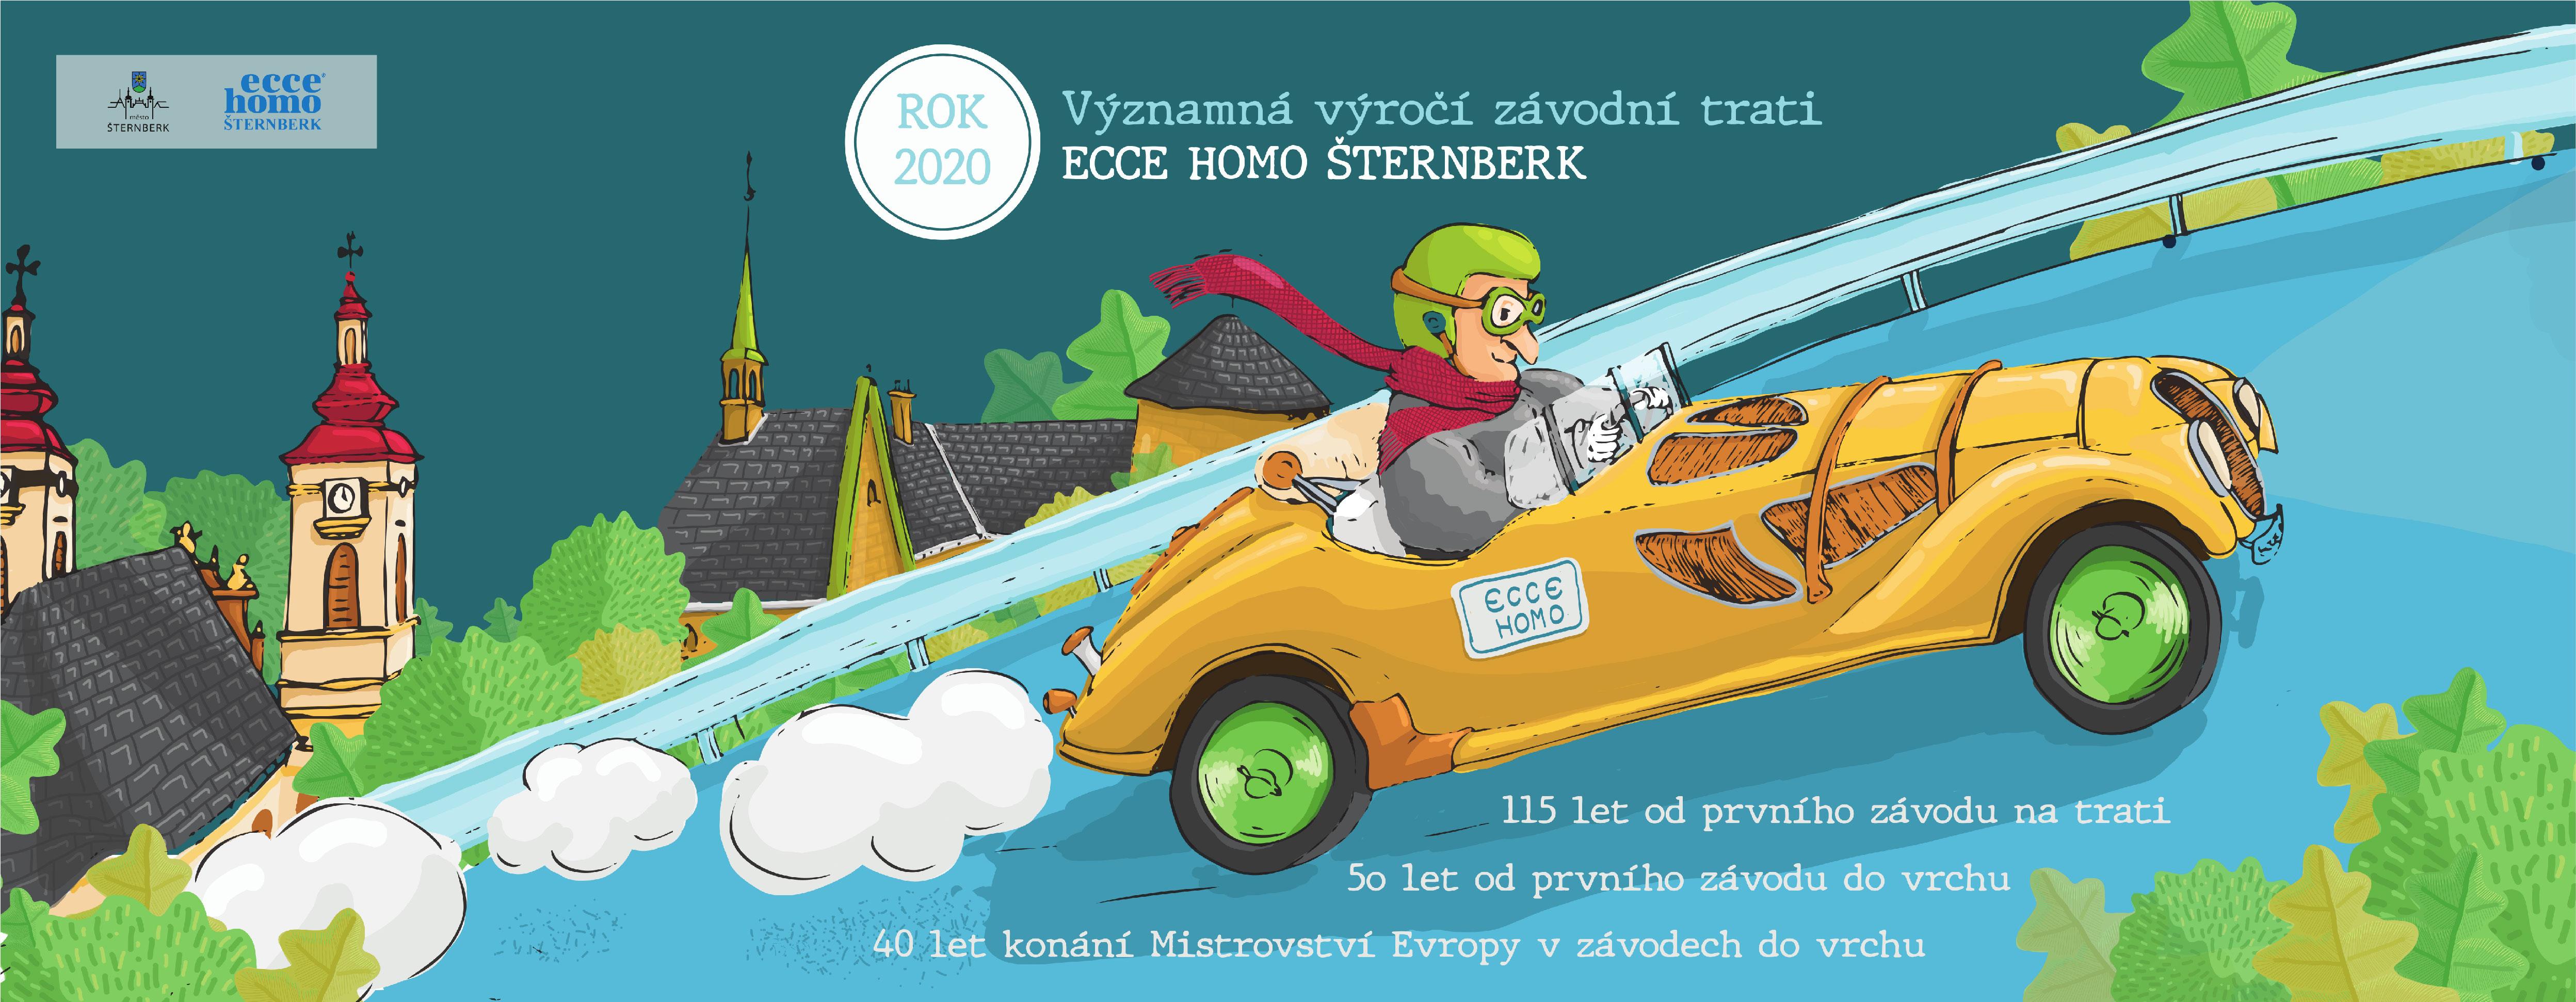 Banner k výročí závodu Ecce homo Šternberk